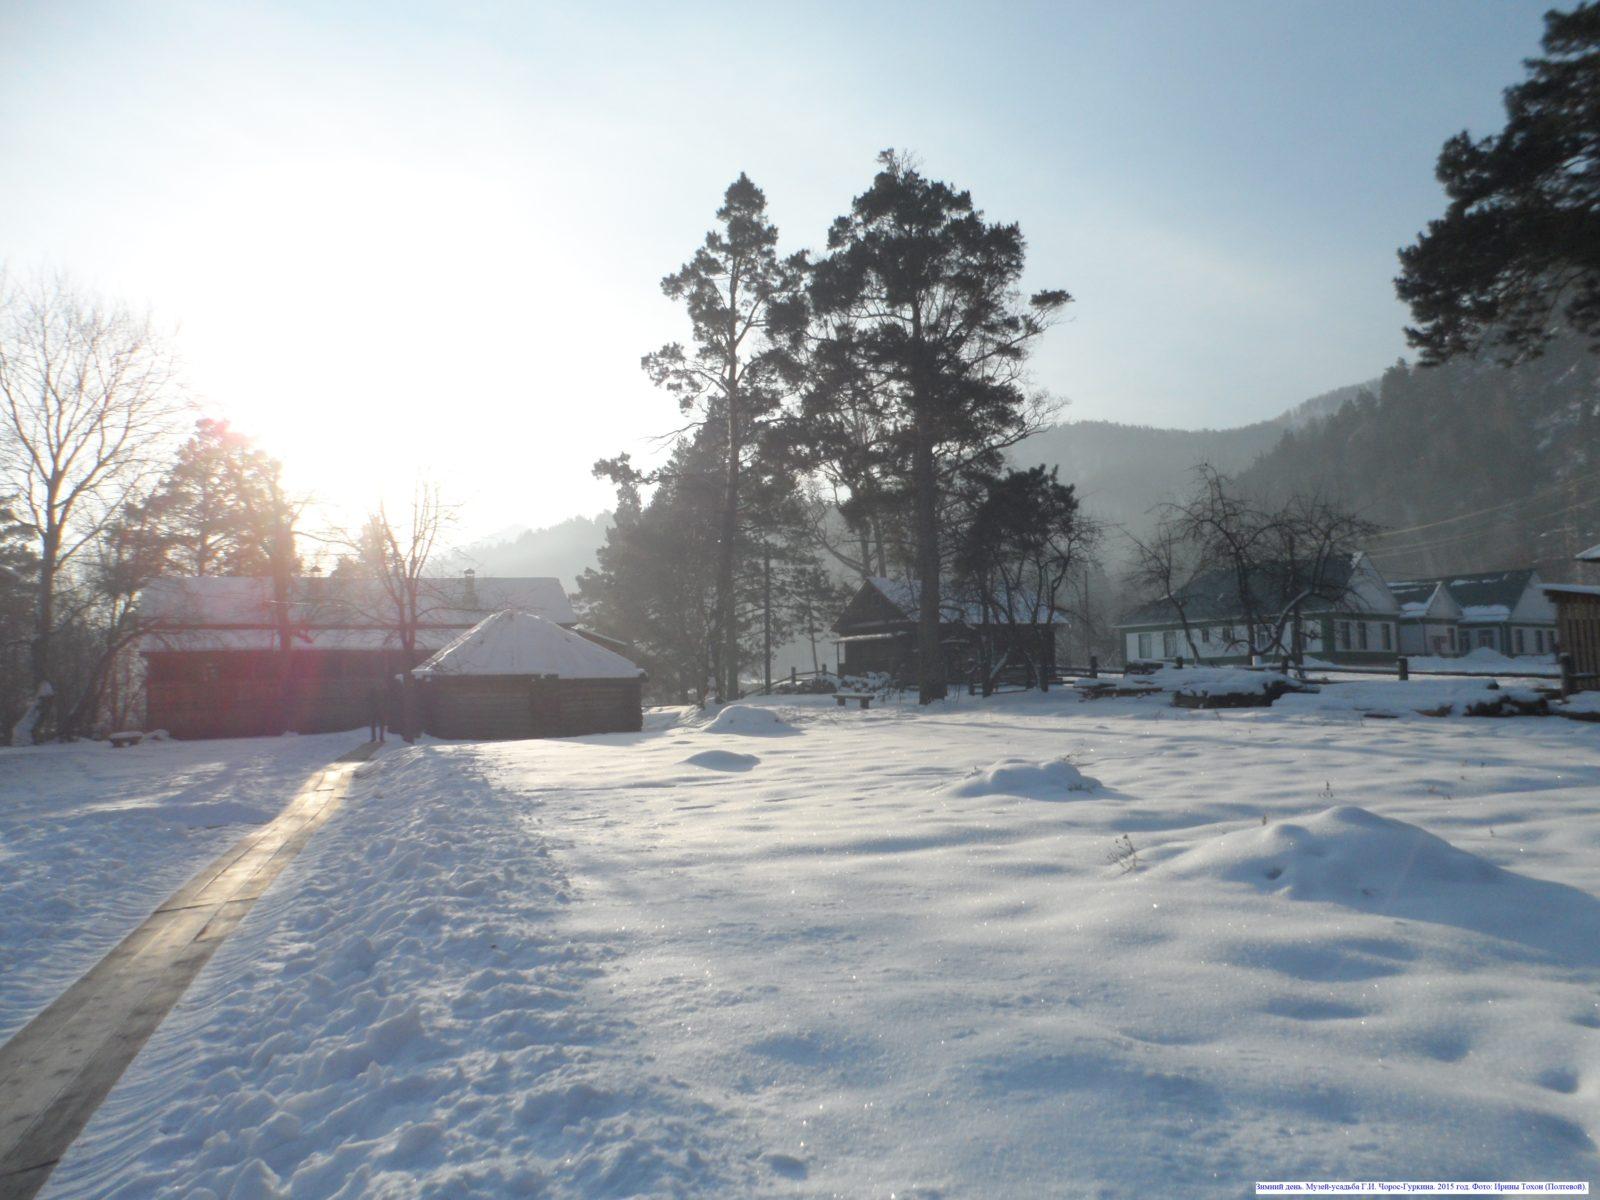 Зимний день. Музей-усадьба Г.И. Чорос-Гуркина. 2015 год.